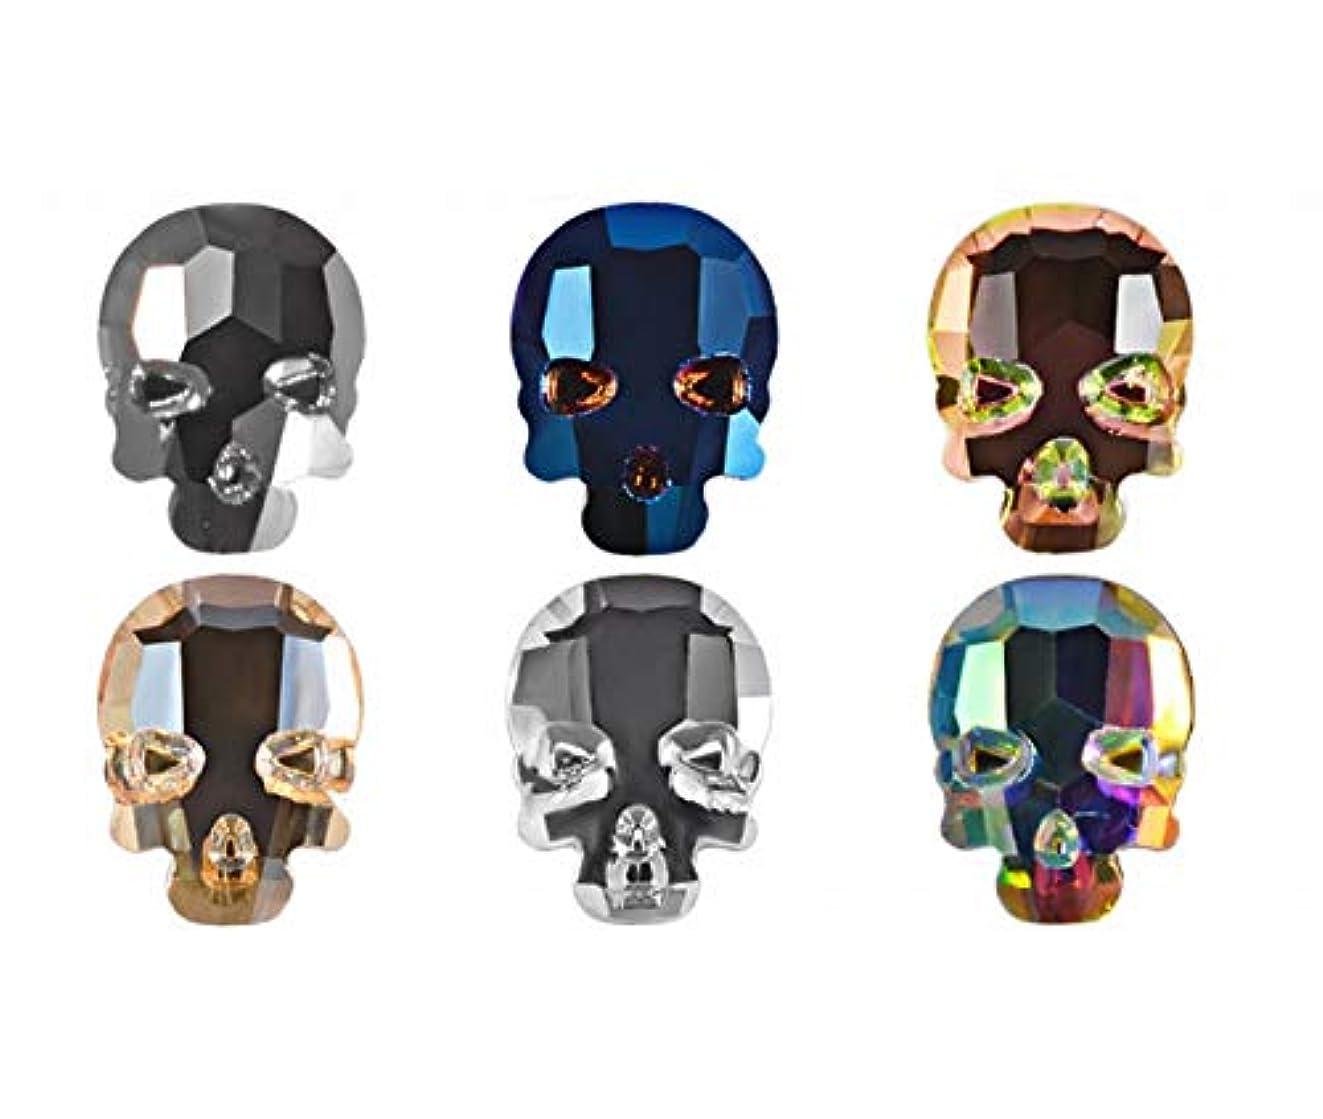 麻痺不十分な繰り返したTianmey ネイルアートクリスタルフラットバックラインストーンネイルアートスーパーネイルアートラインストーンネイルアートの装飾Accessorieのためにビッグラインストーンシャイン